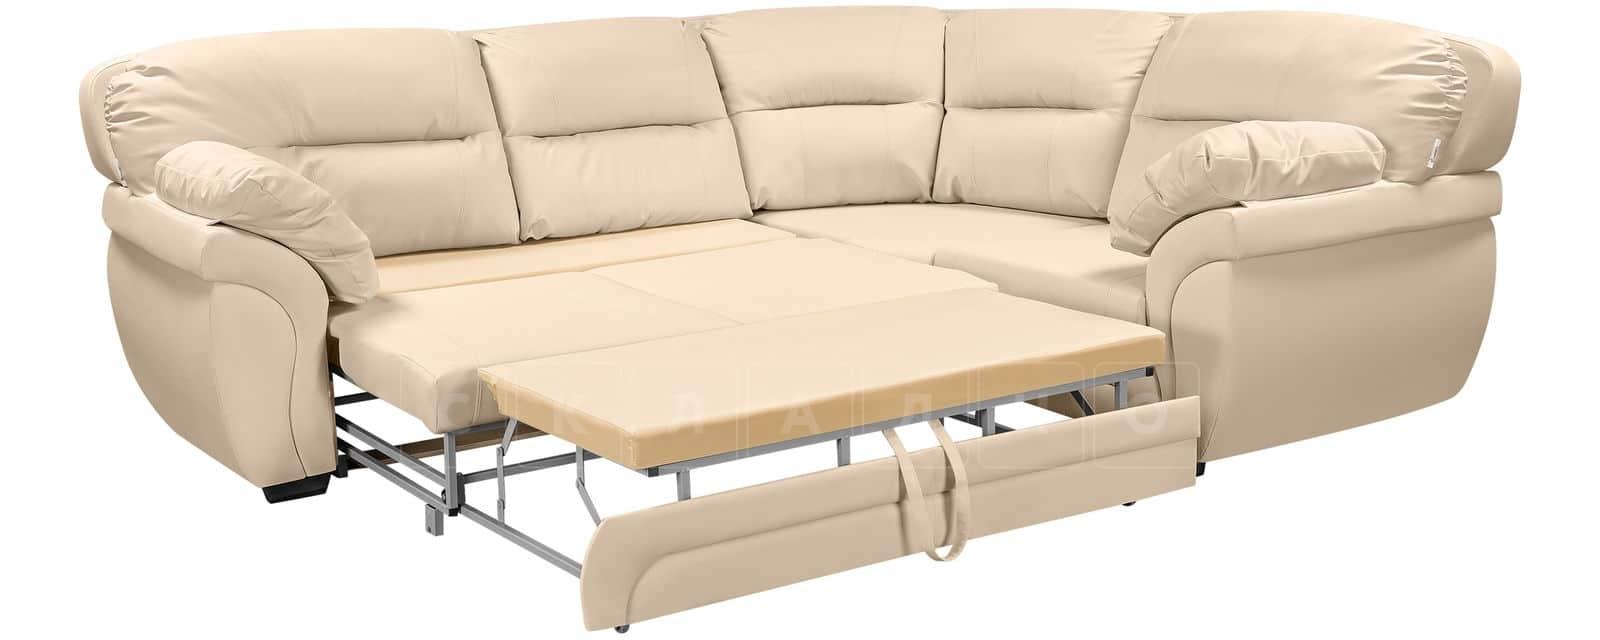 Диван угловой Бристоль кожаный бежевого цвета правый угол фото 4 | интернет-магазин Складно